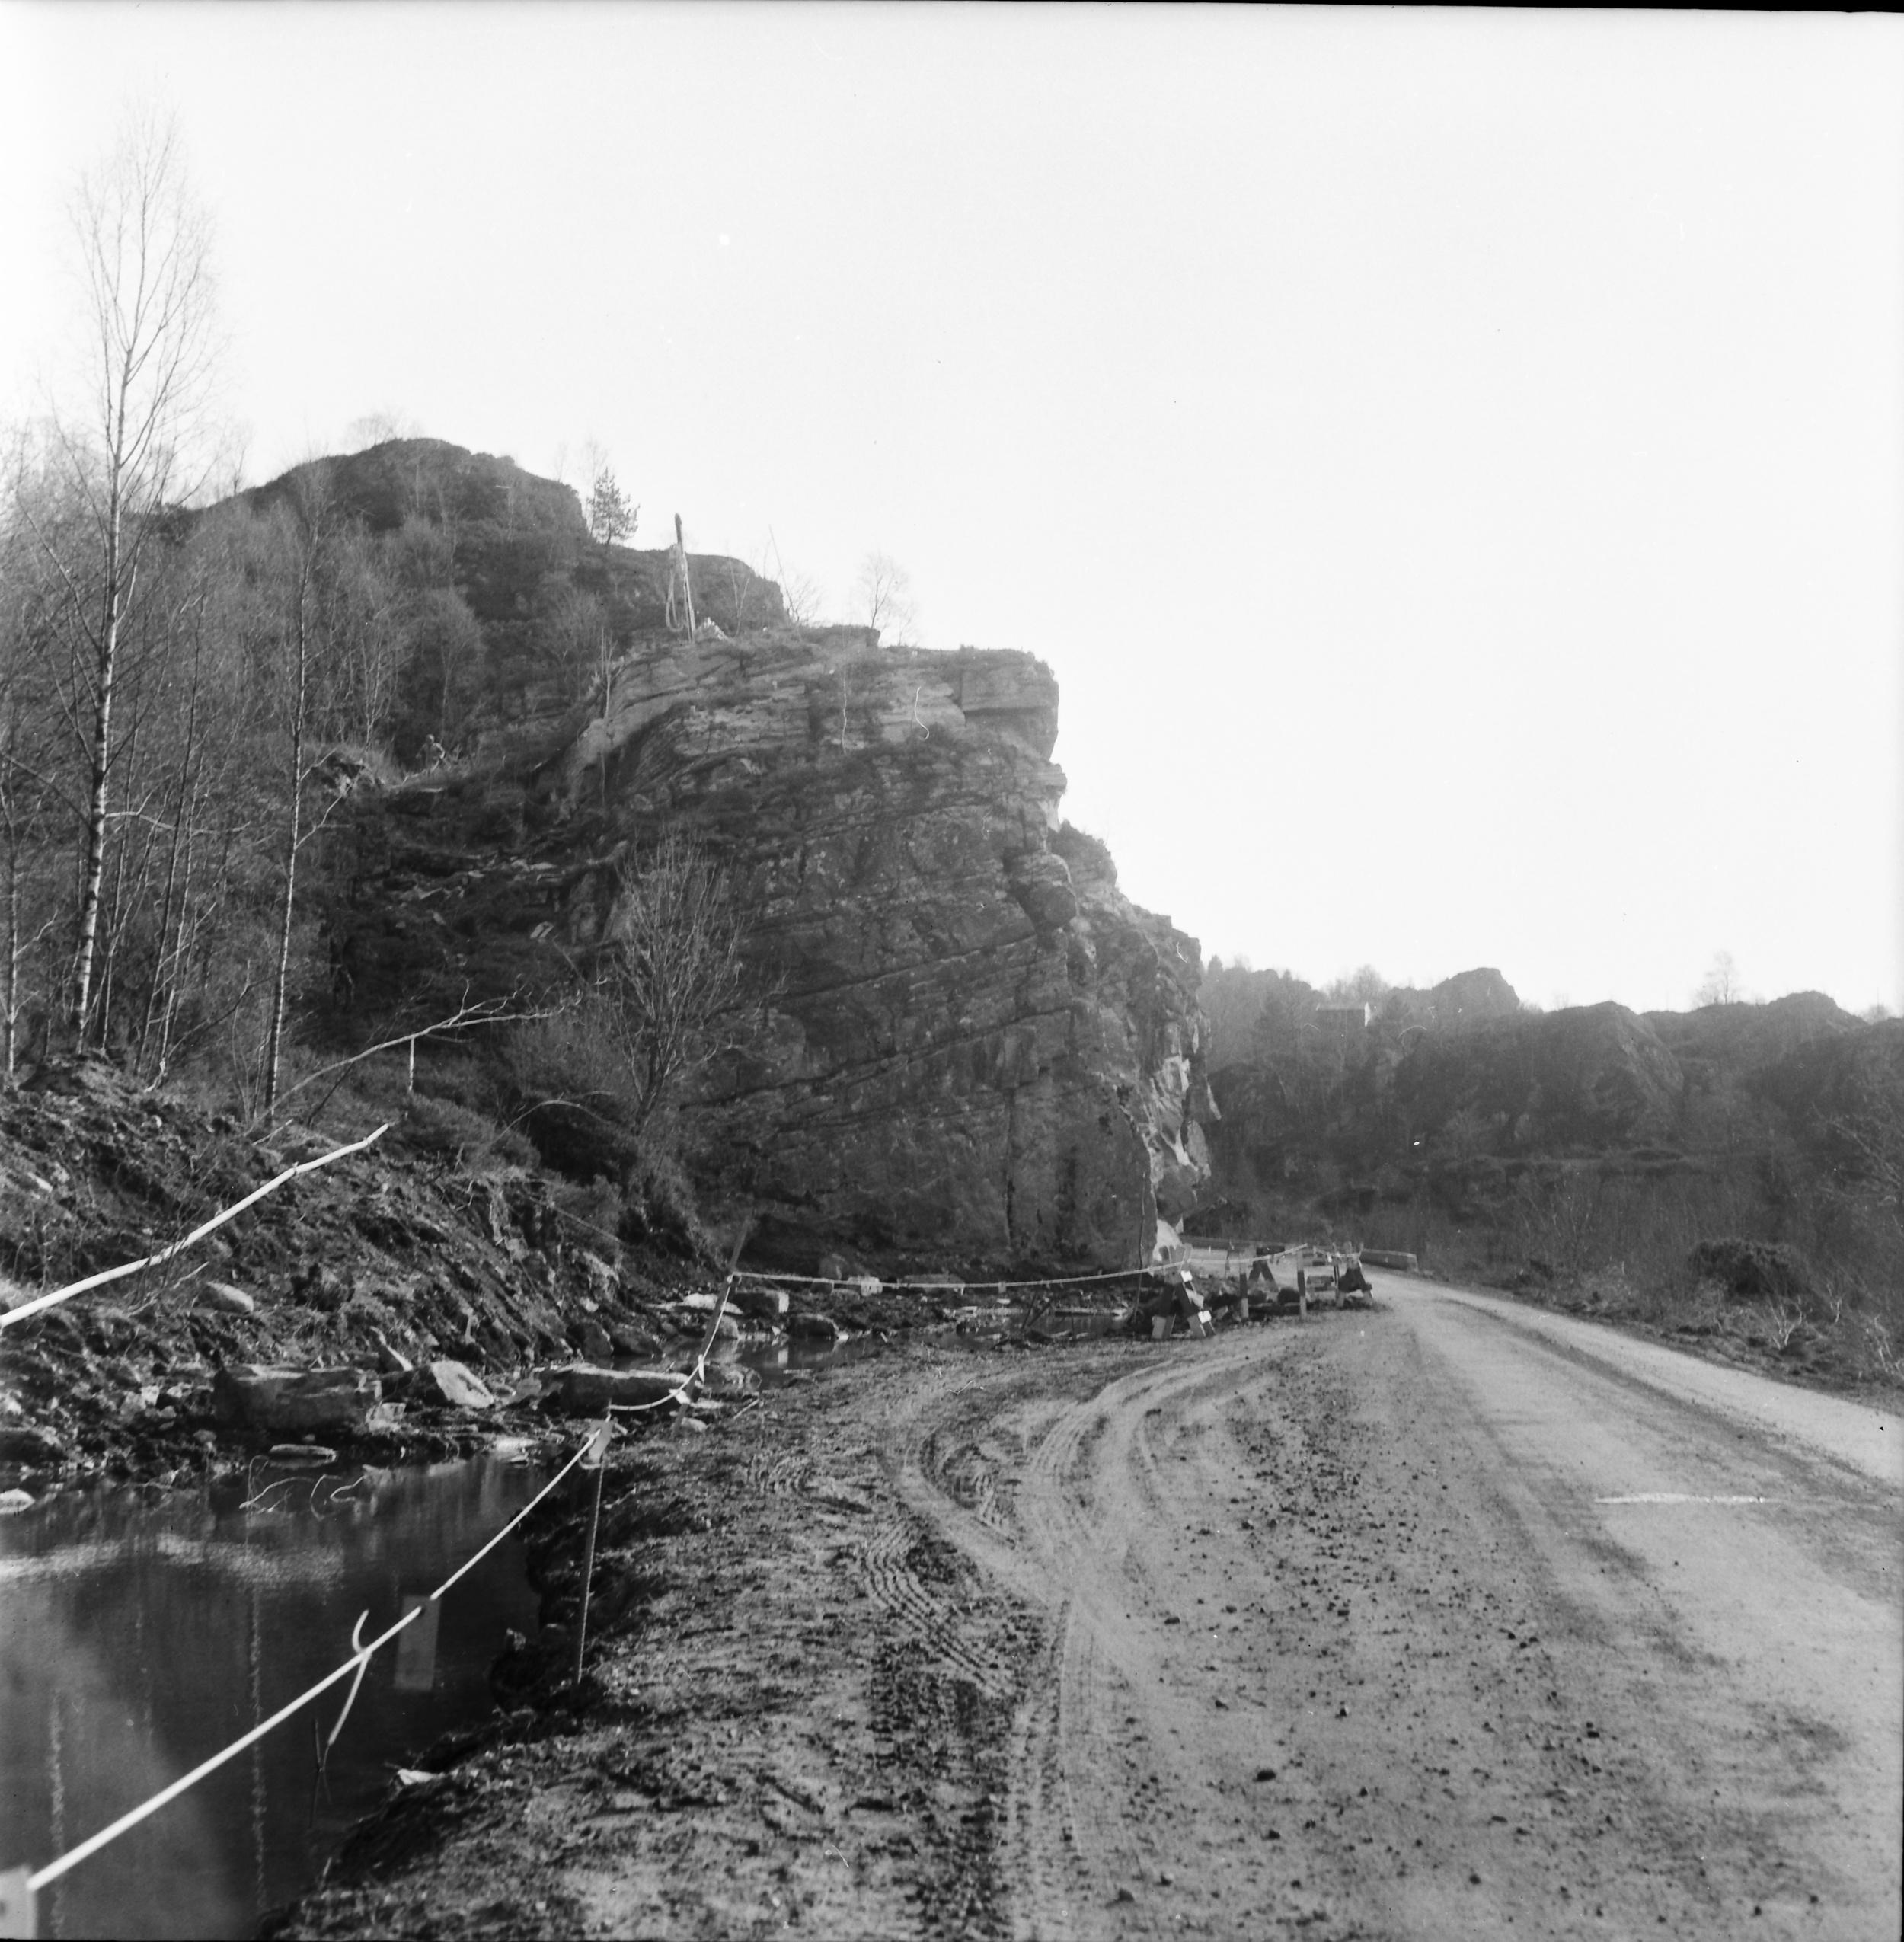 Juvikflaten med Andershilleren sett fra nord  Du finner også et bilde av Andershilleren tatt i 1940 på vår side med  Krigshistoriske bilder